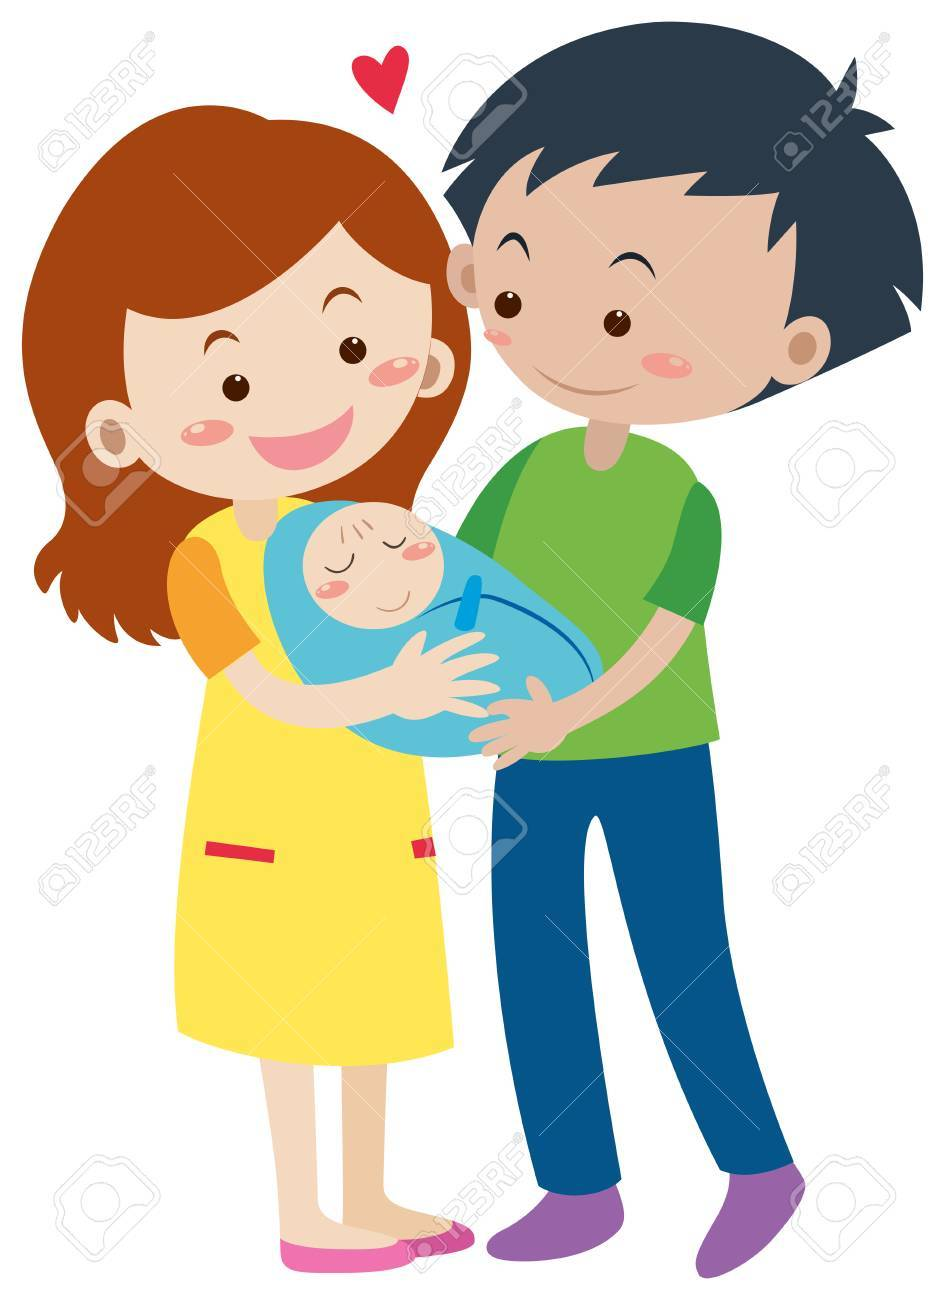 Clipart Famille famille avec les parents et l'illustration du nouveau-né clip art